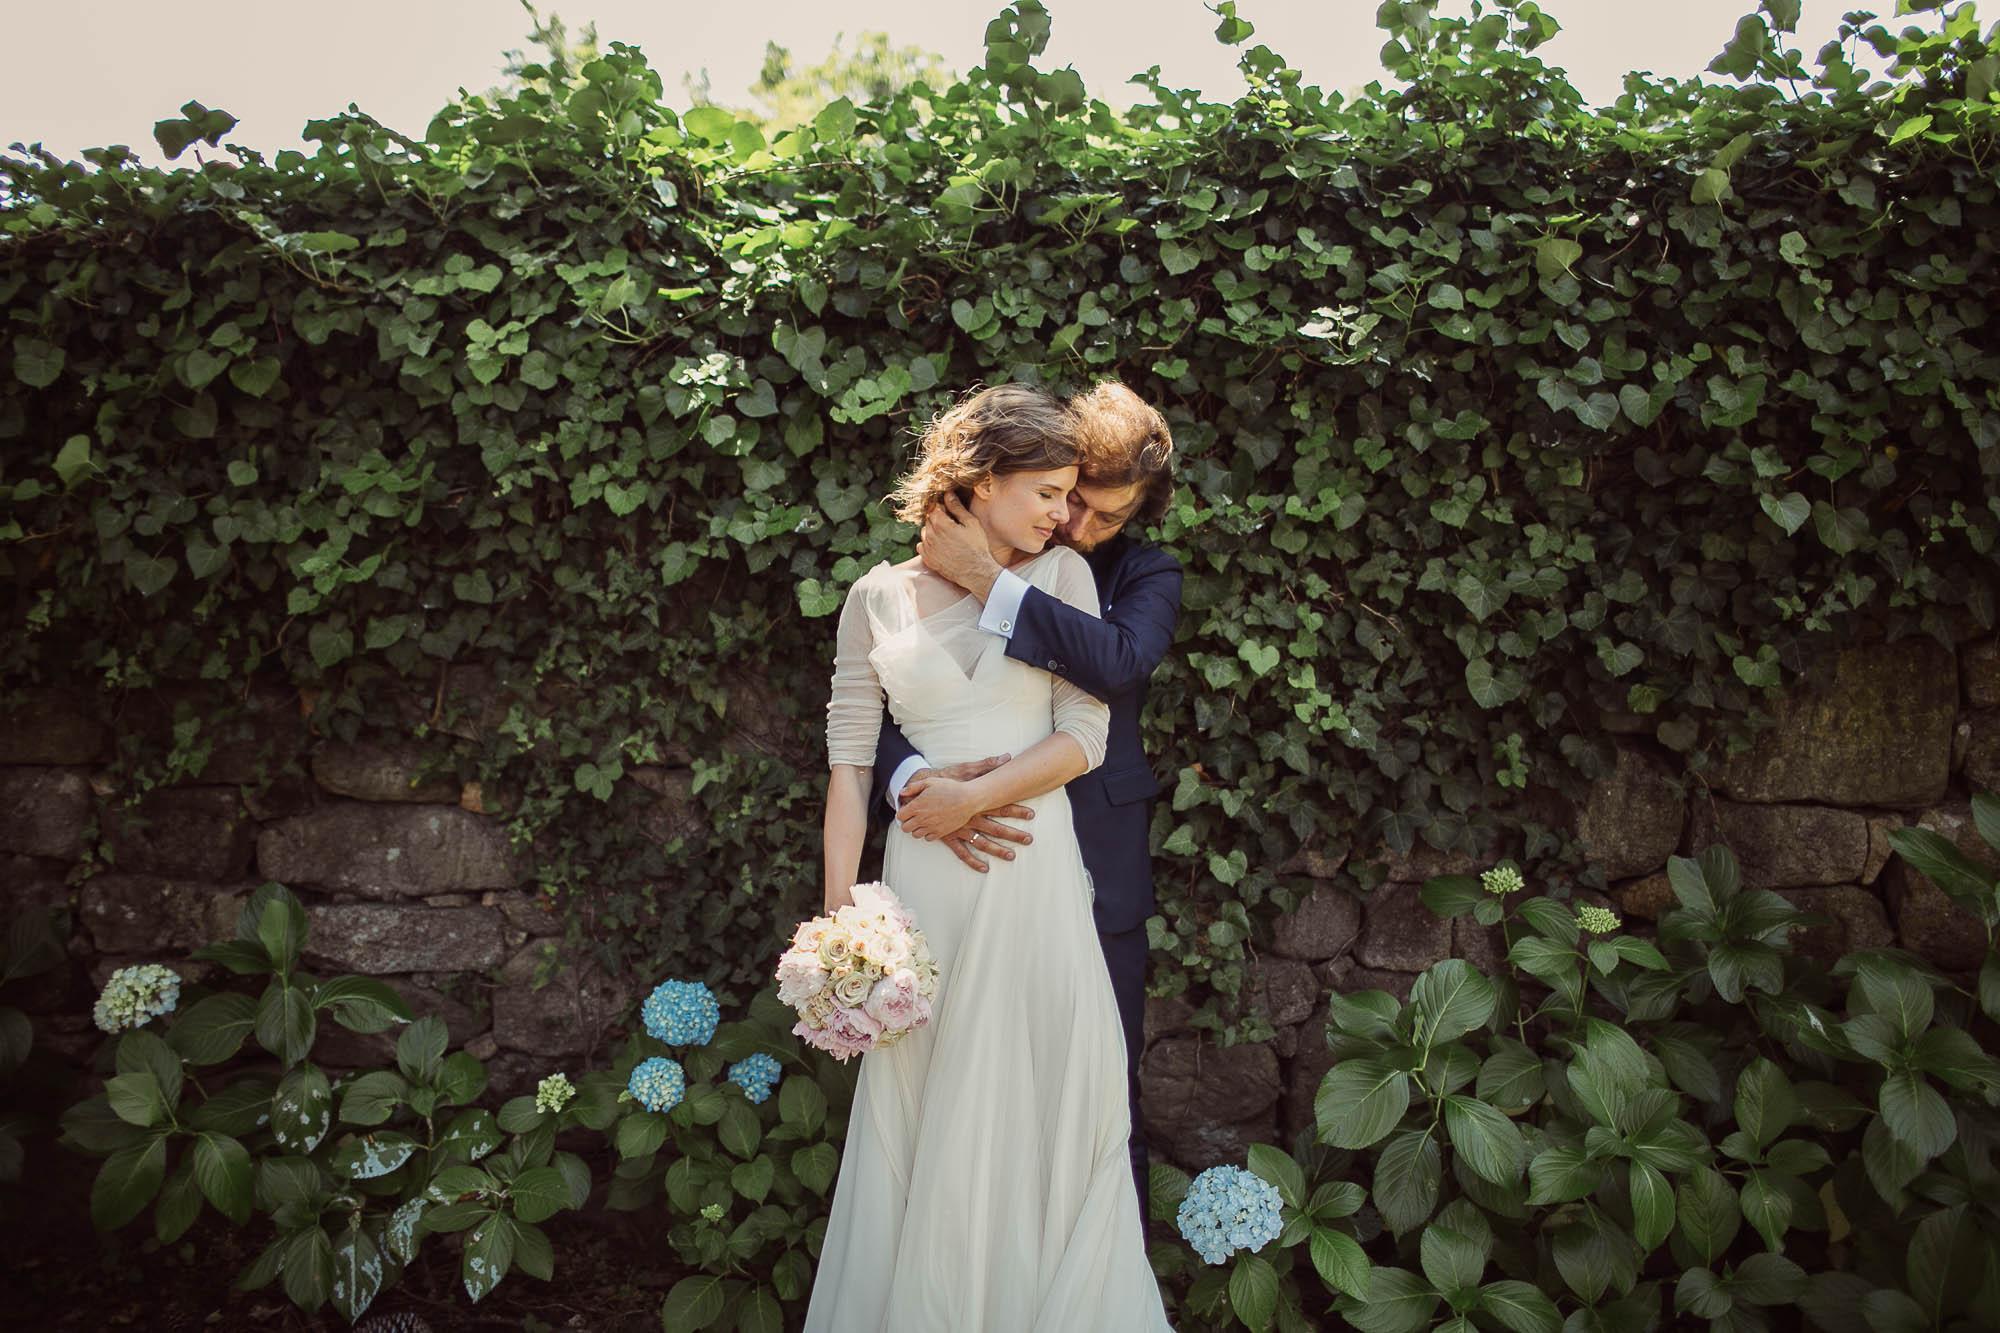 El novio abraza a la novia por detrás mientras se cogen de la mano